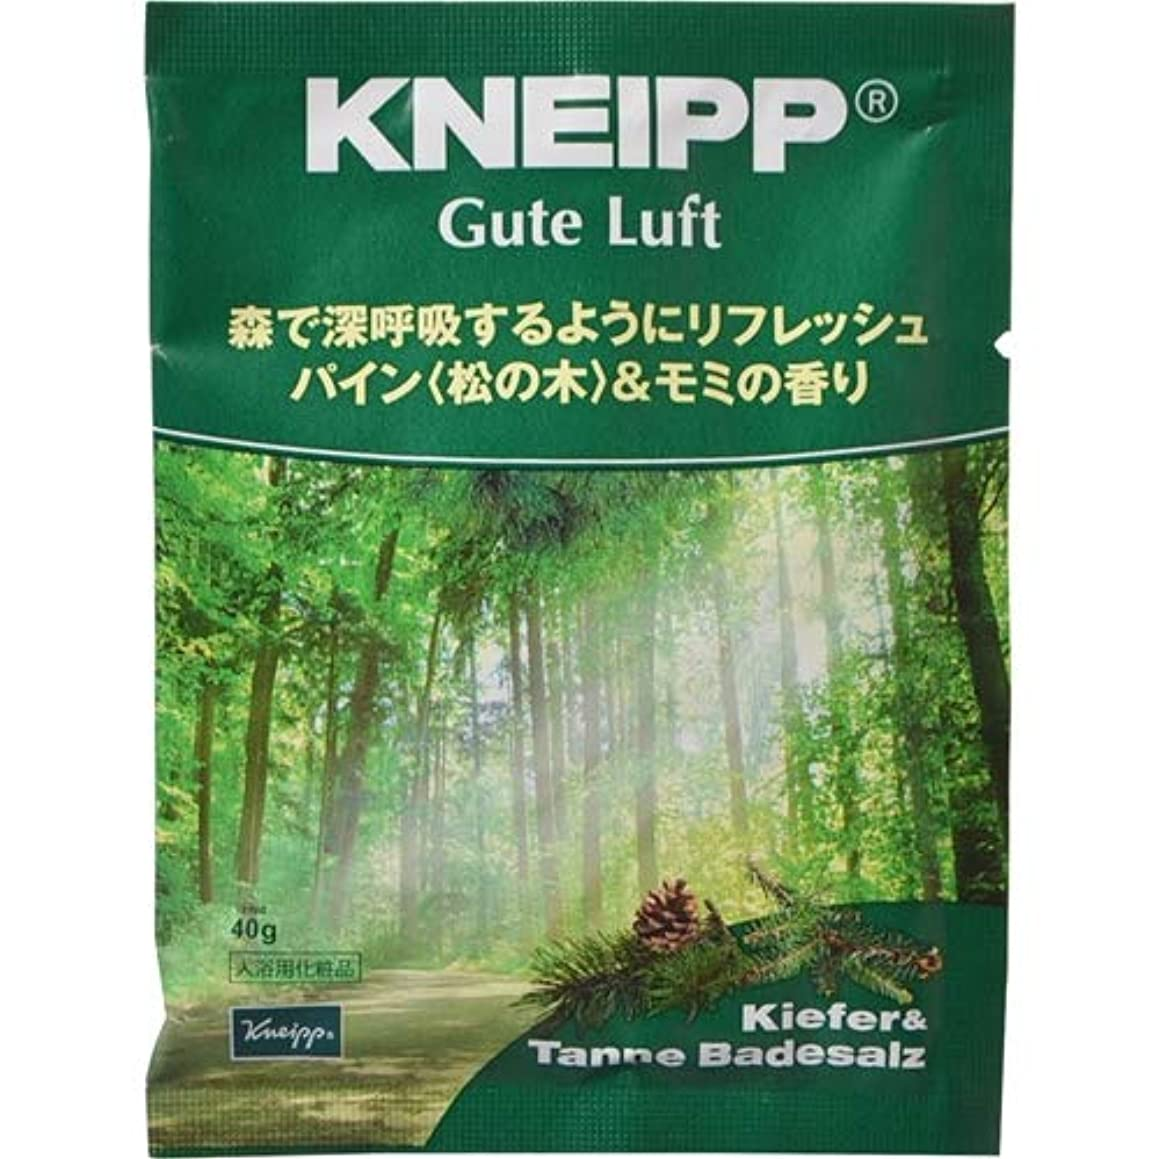 ディスカウント効率的に広くクナイプ・ジャパン クナイプ グーテルフト バスソルト パイン<松の木>&モミの香り 40g